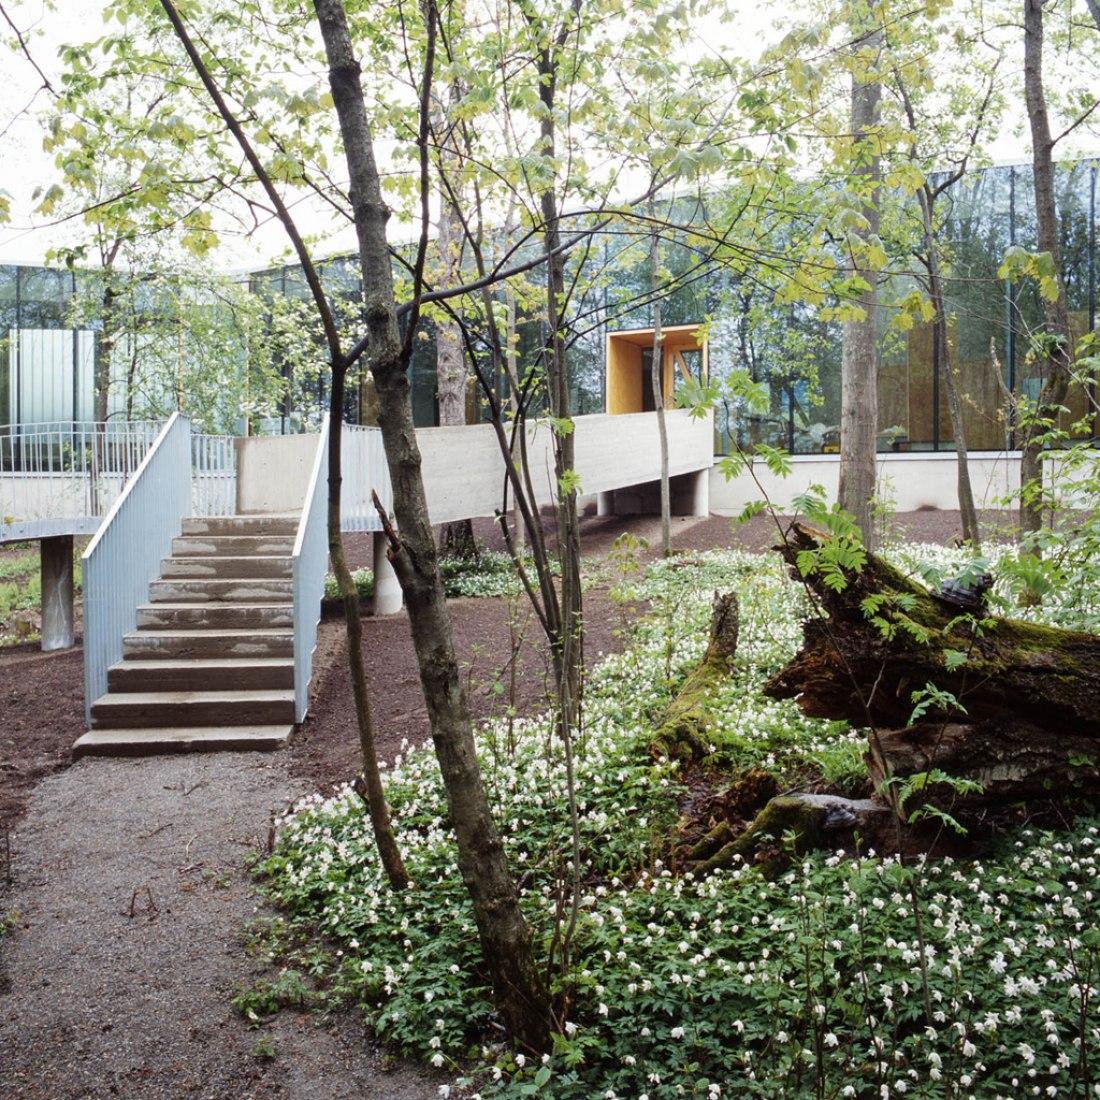 Outside vision. Bjerkebæk Visitors Center. Image © courtesy of Carl-Viggo Hølmebakk.